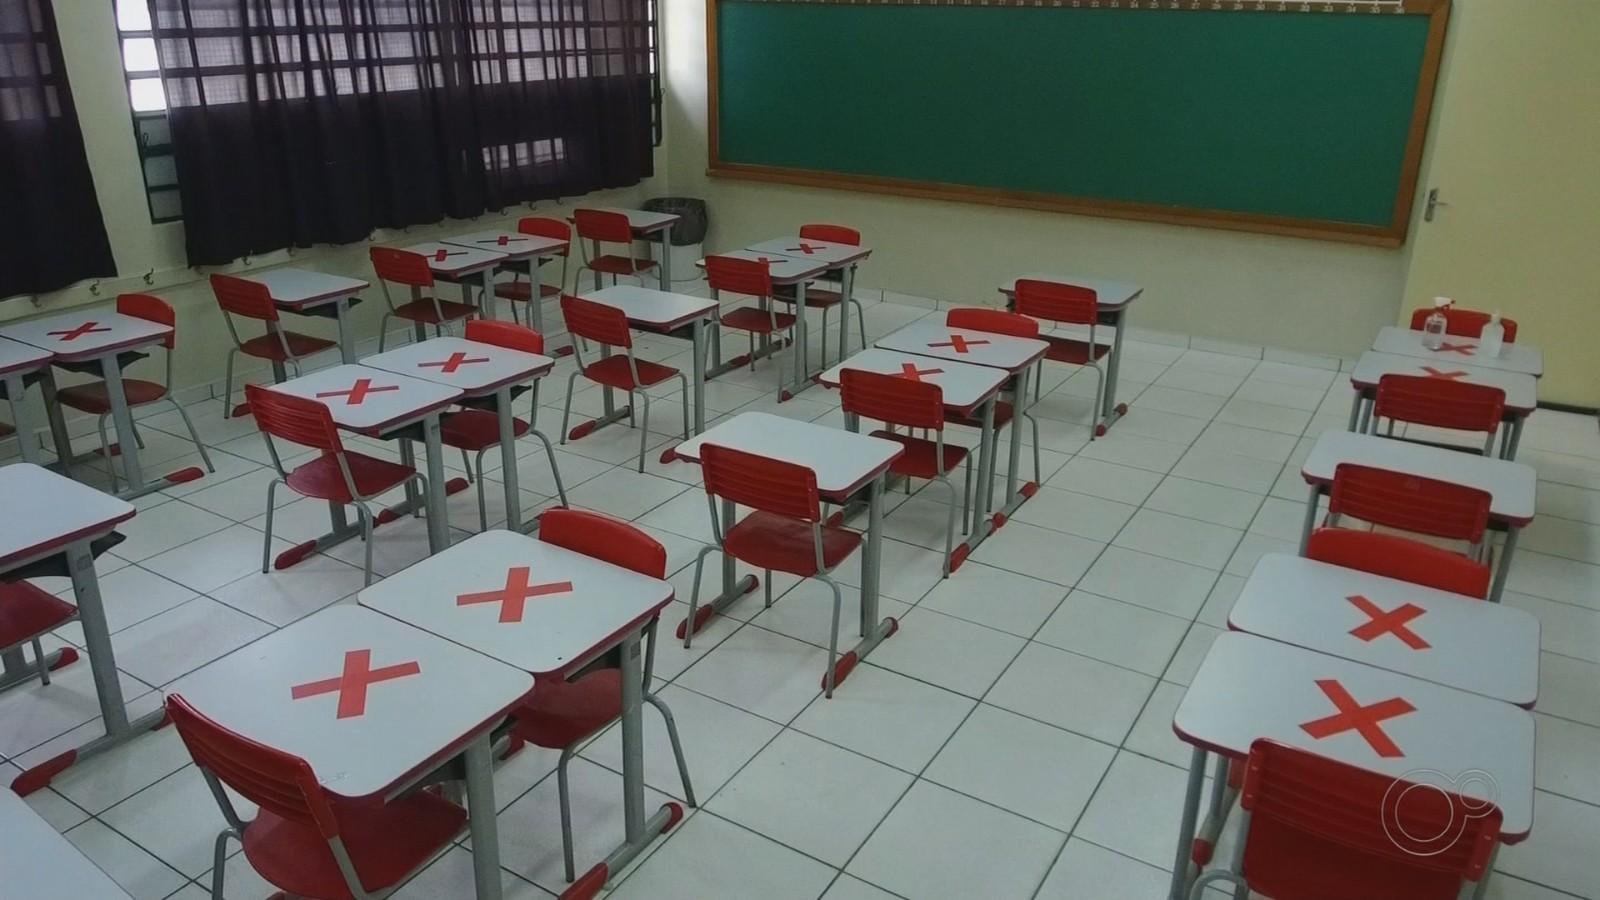 Escolas municipais de Araçatuba retomam aulas em sistema híbrido após recesso